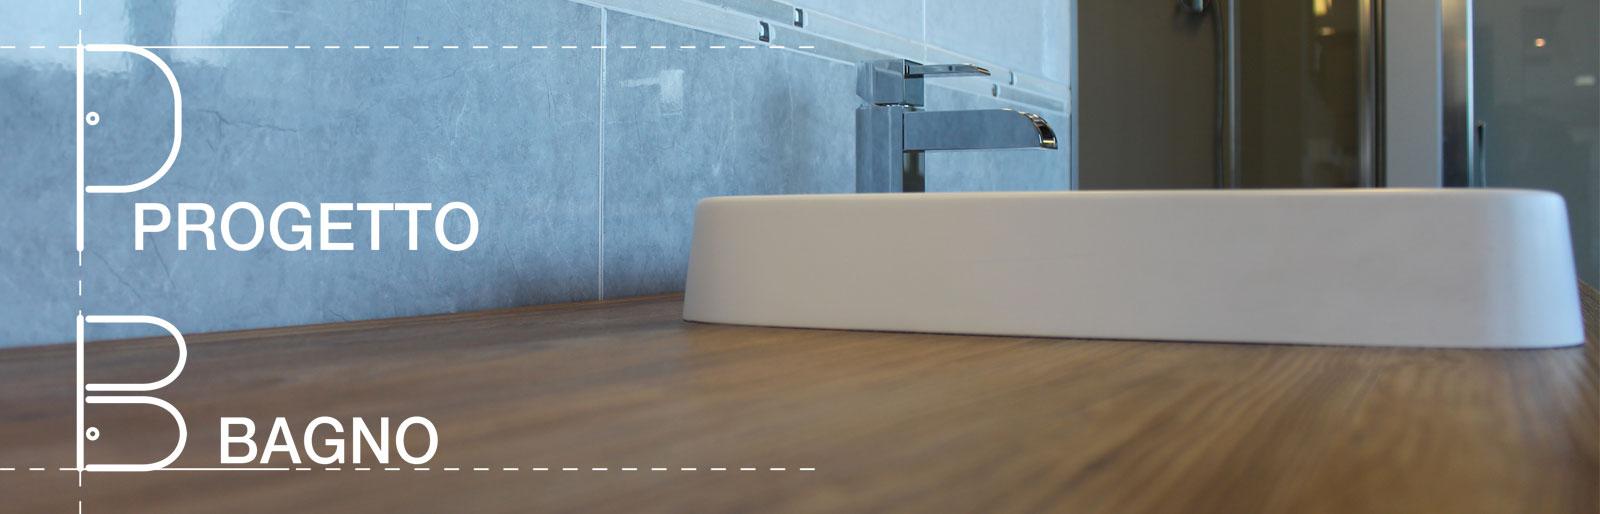 Progetto bagno home - Progetto bagno paderno ...